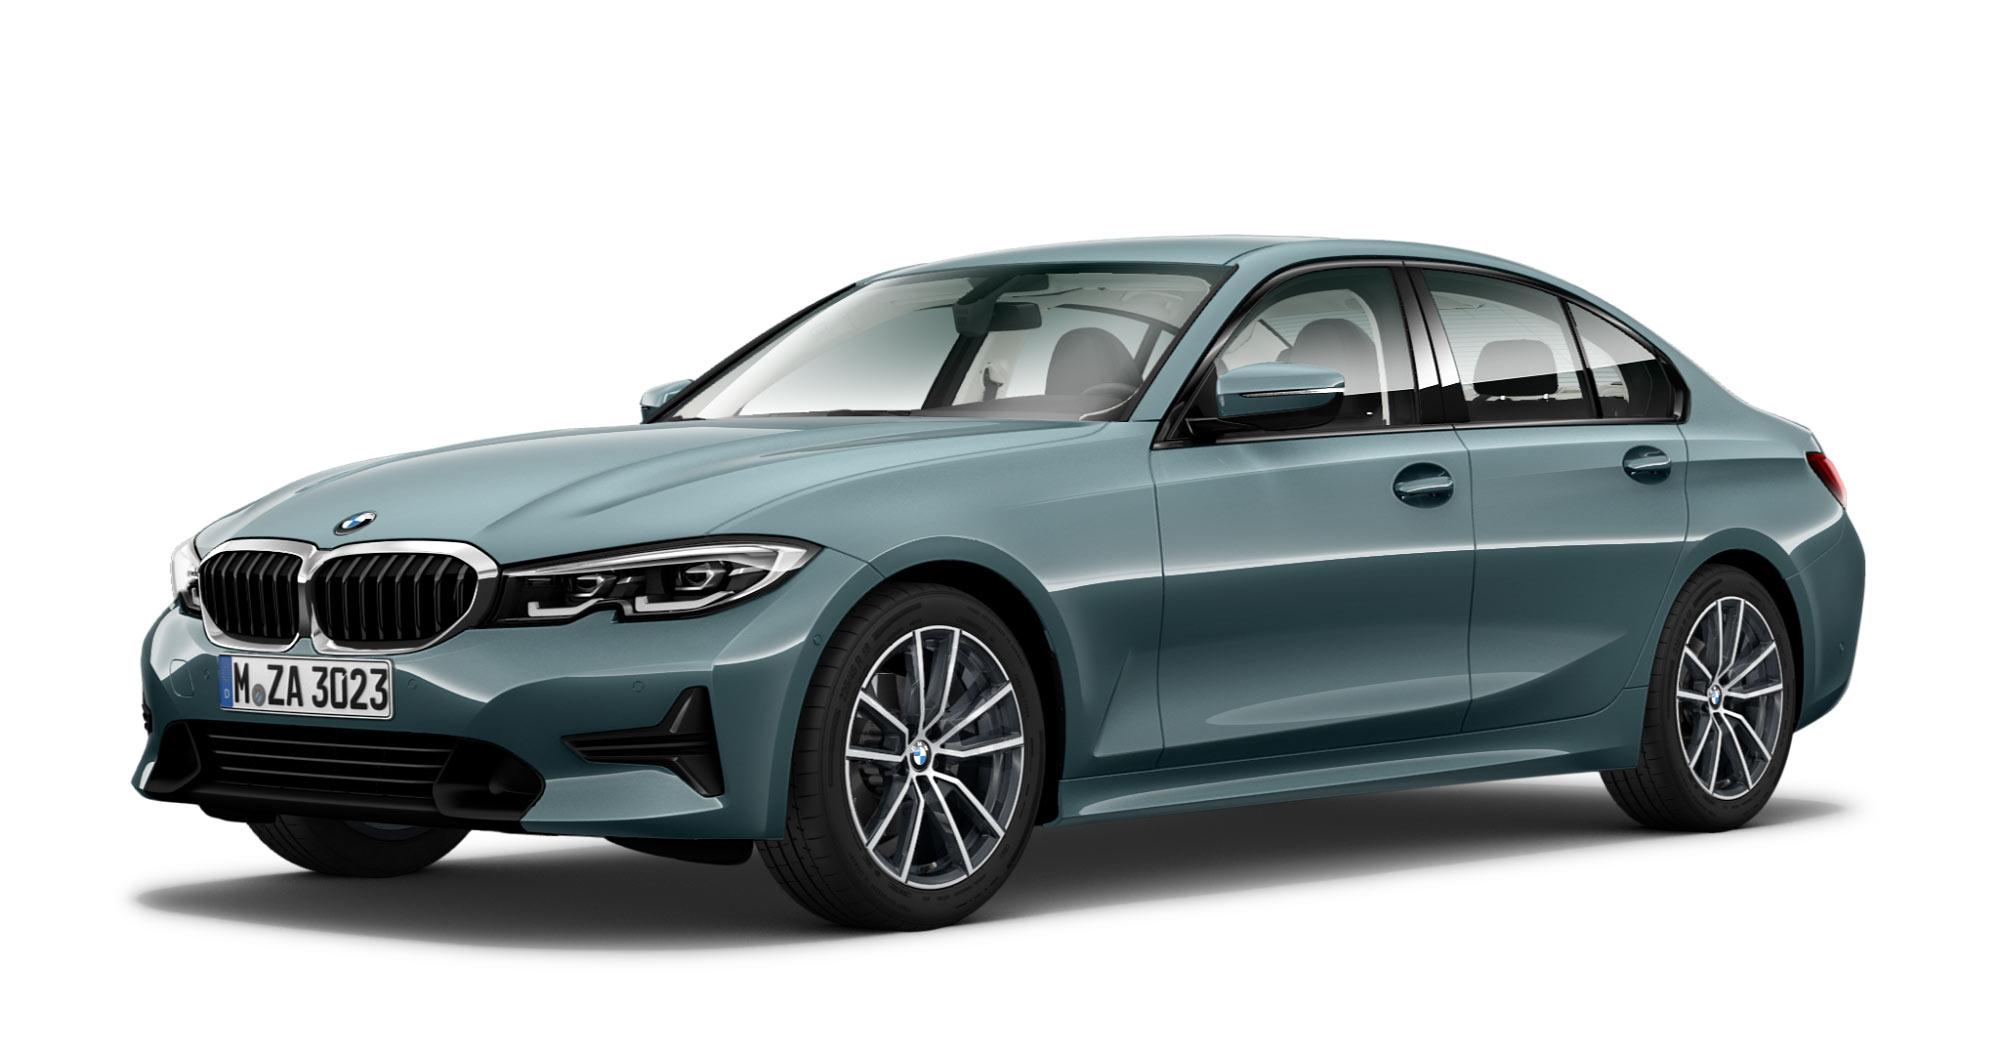 3 phiên bản BMW Series 3 mới sắp về Việt Nam – Khách hàng thoải mái lựa chọn